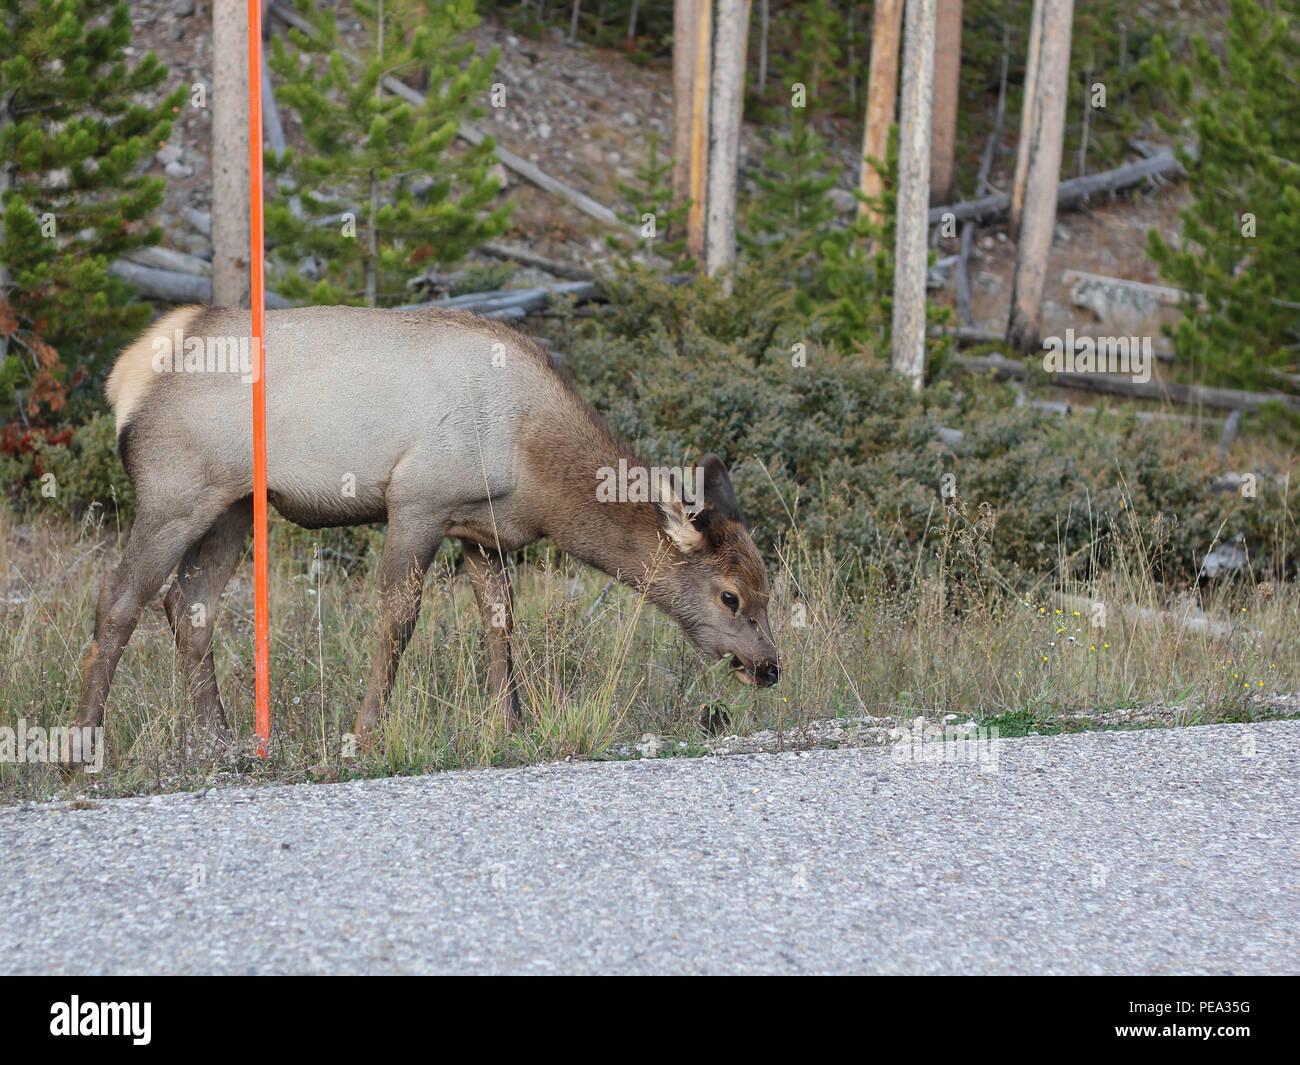 Tierwelt Natur Fotografie Single Elk Säugetier Spiel Cervus canadensis Yellowstone die Häufigste Ungulate Beweidung grünen Wald im Hintergrund Stockbild